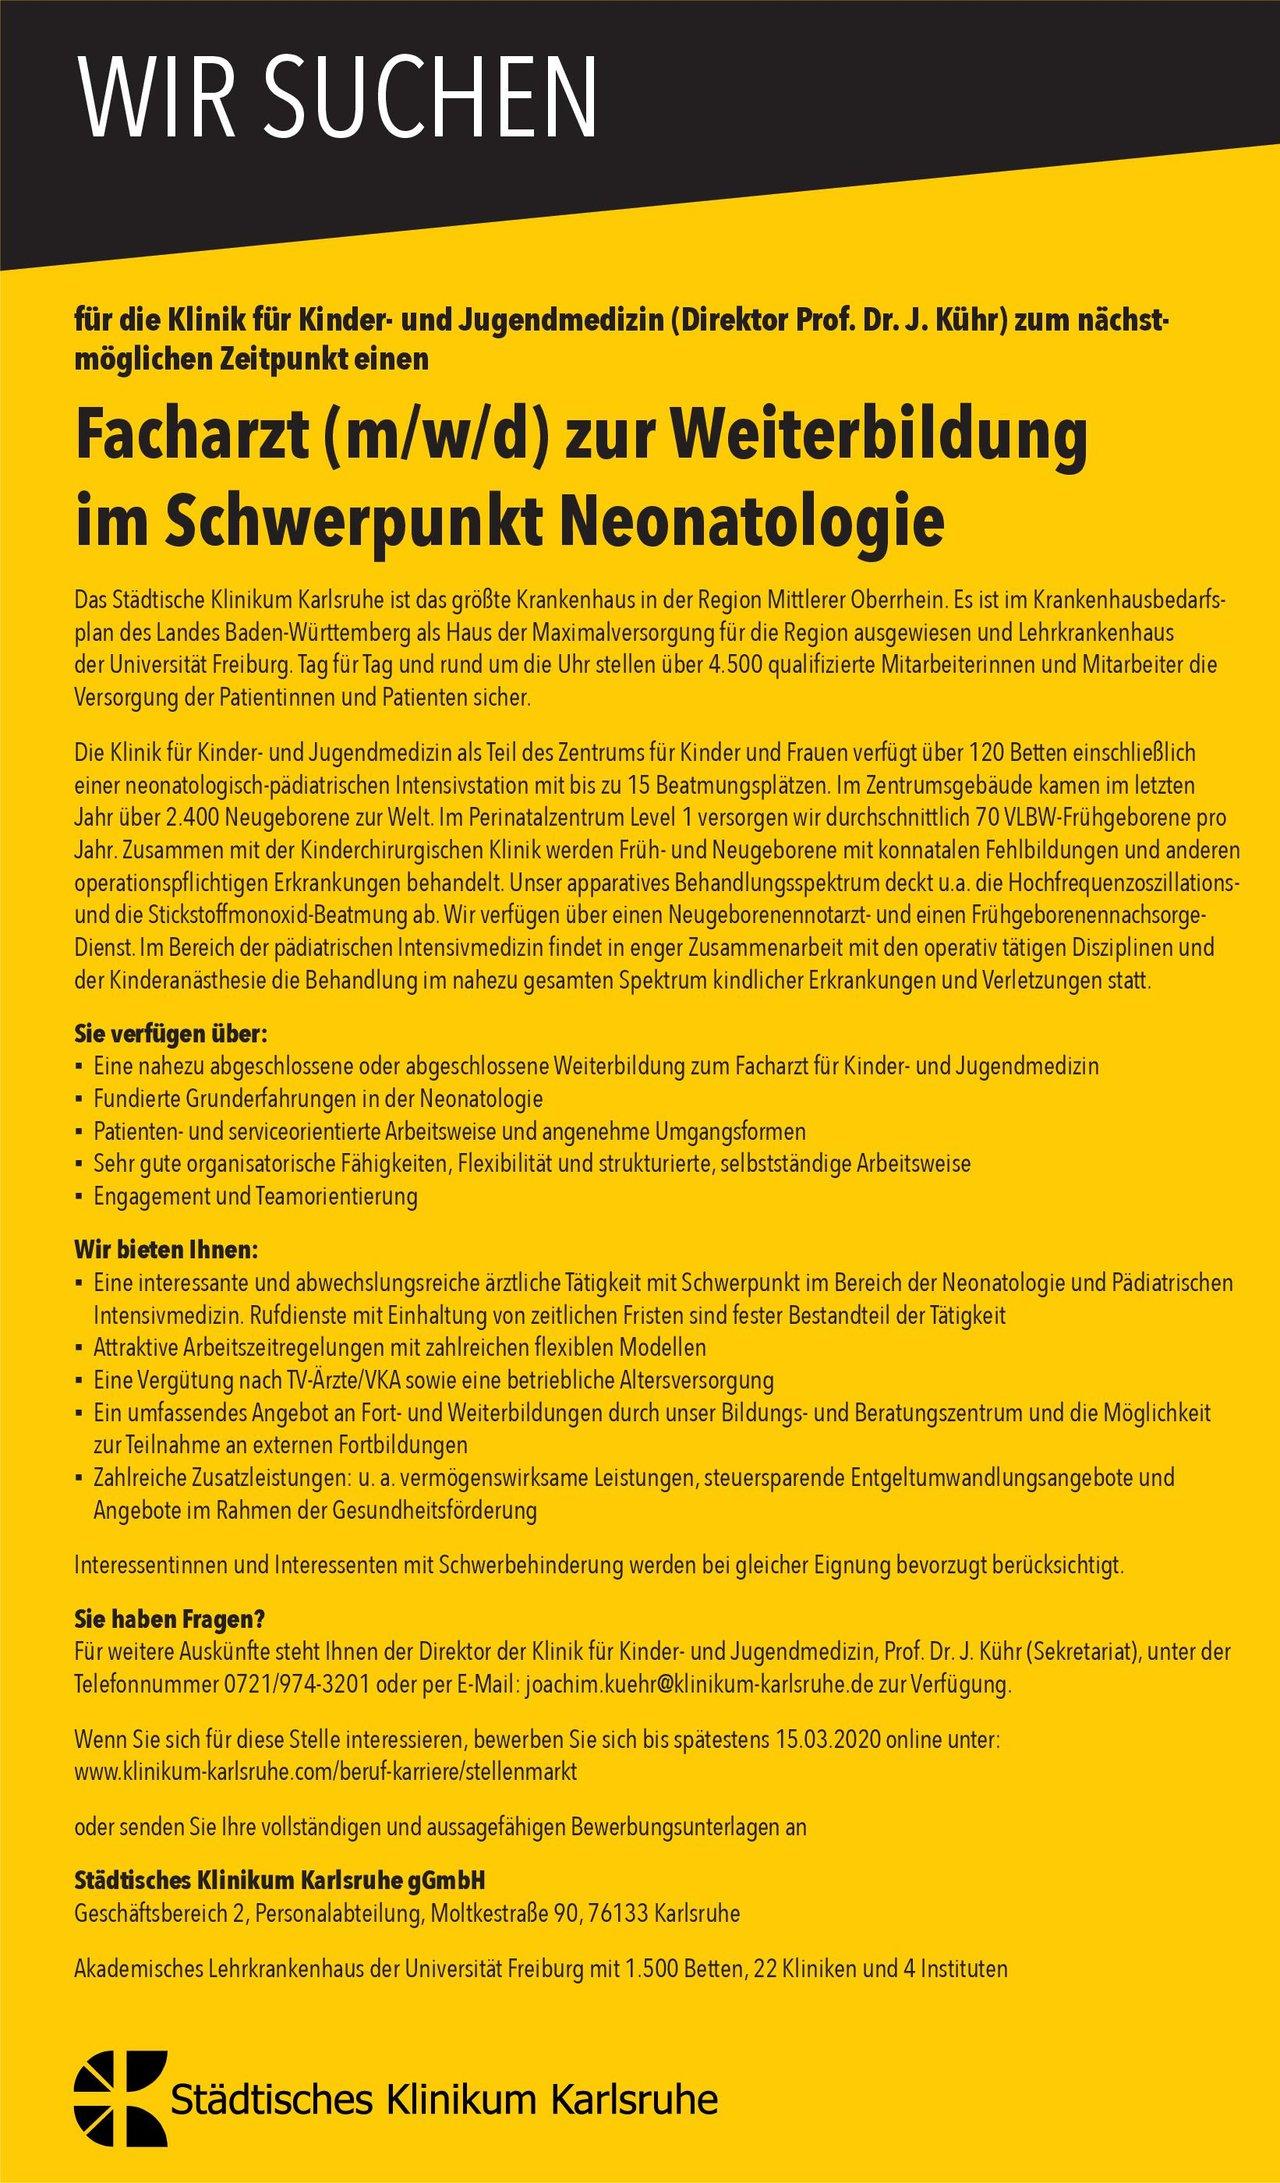 Städtisches Klinikum Karlsruhe gGmbH Facharzt (m/w/d) zur Weiterbildung im Schwerpunkt Neonatologie  Neonatologie, Kinder- und Jugendmedizin Arzt / Facharzt